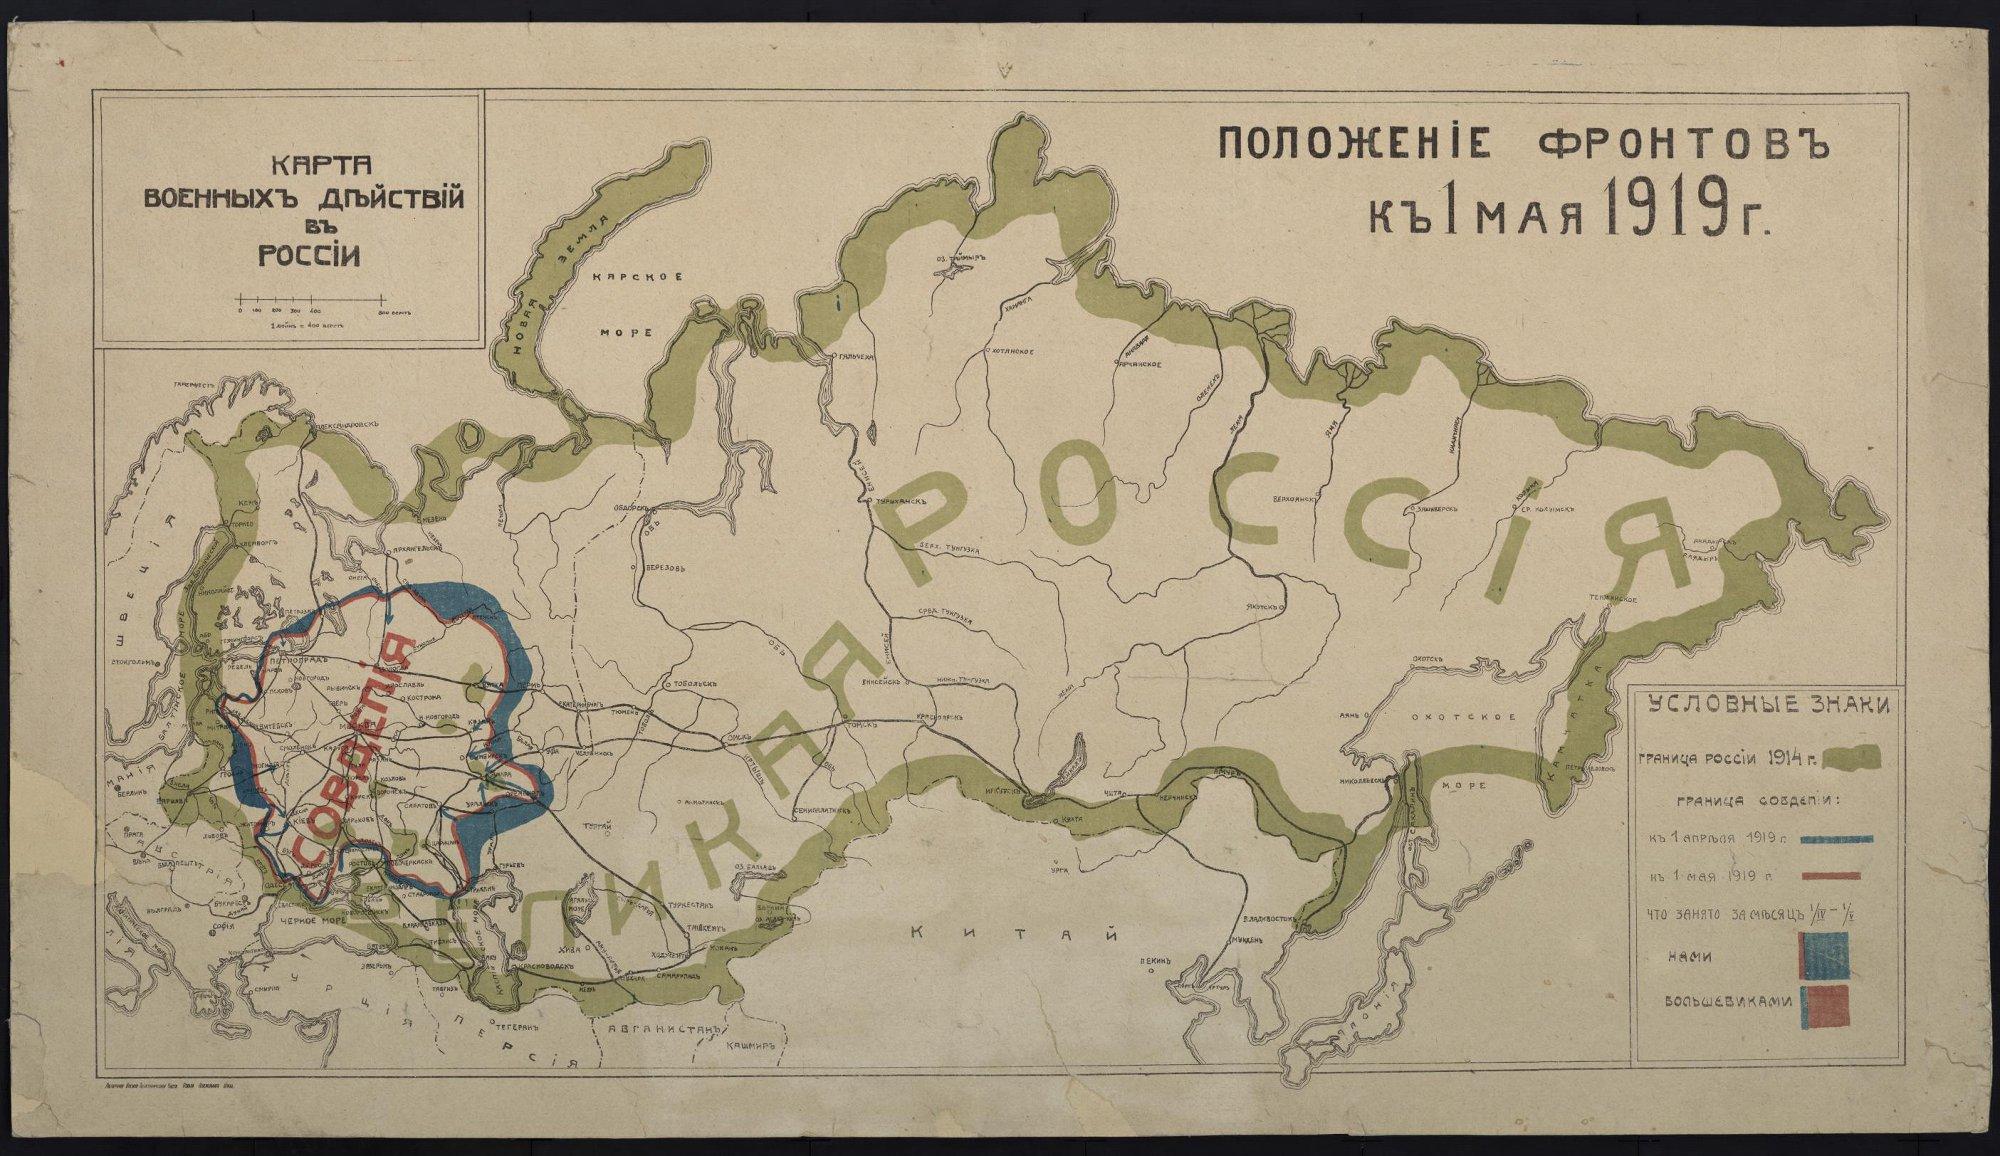 Карта военных действий в России. Положение фронтов к 1 мая 1919. Омск